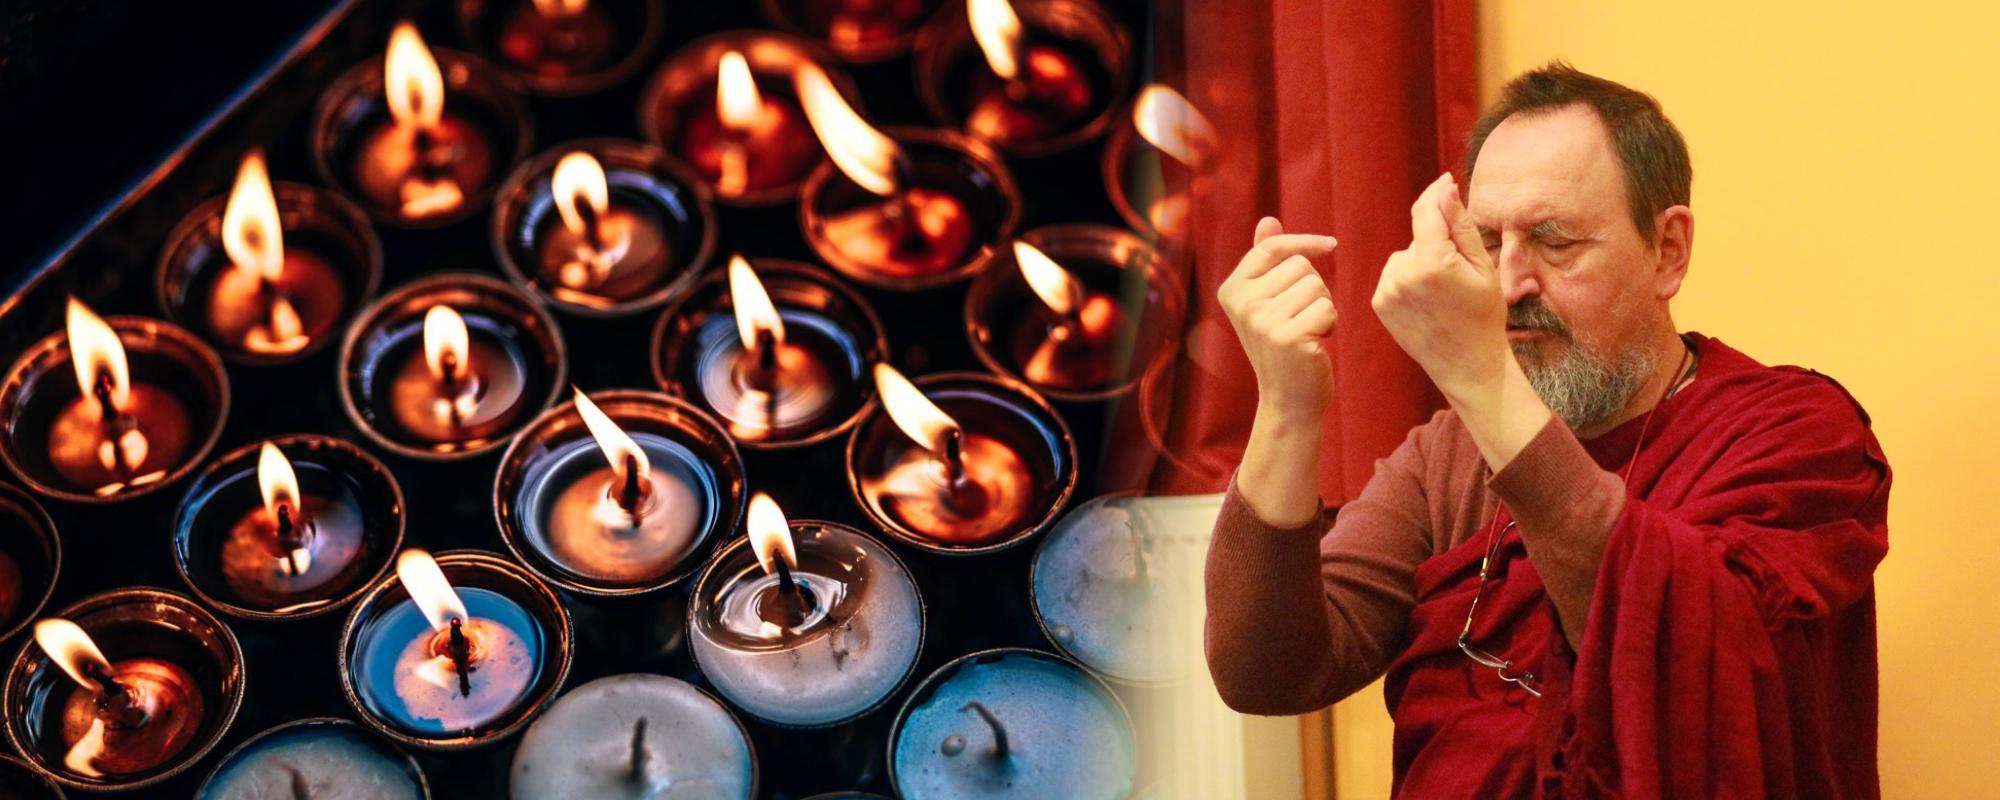 Fény Ünnepe a Karmapa Házban @ Karmapa Ház - Budapest | Budapest | Magyarország